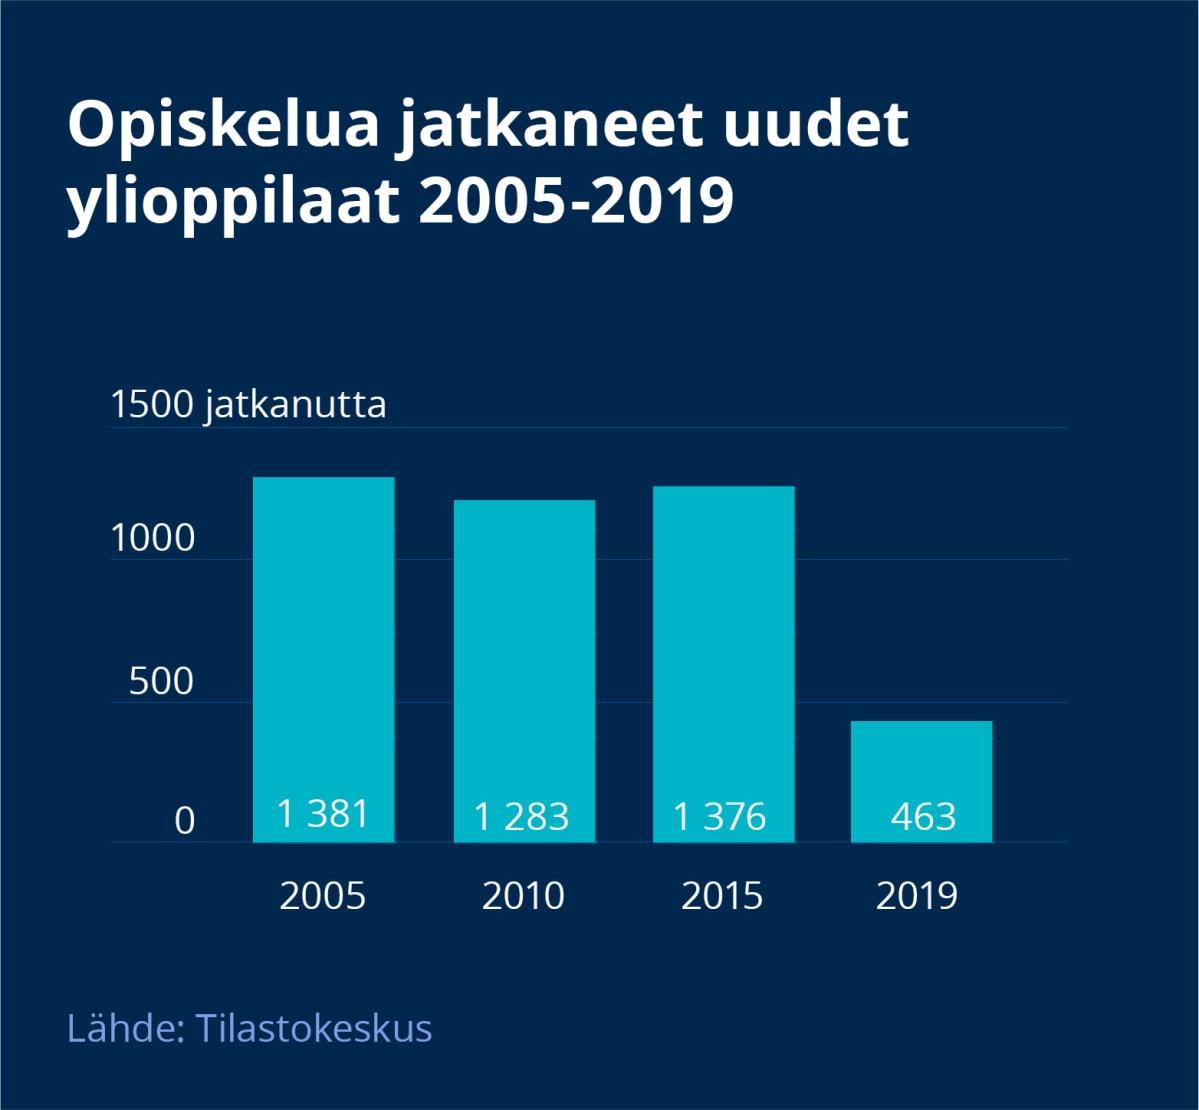 Graafinen esittely siitä, että opiskelua jatkaneiden ylioppilaiden määrä on vähentynyt 2020-luvulle tultaessa.